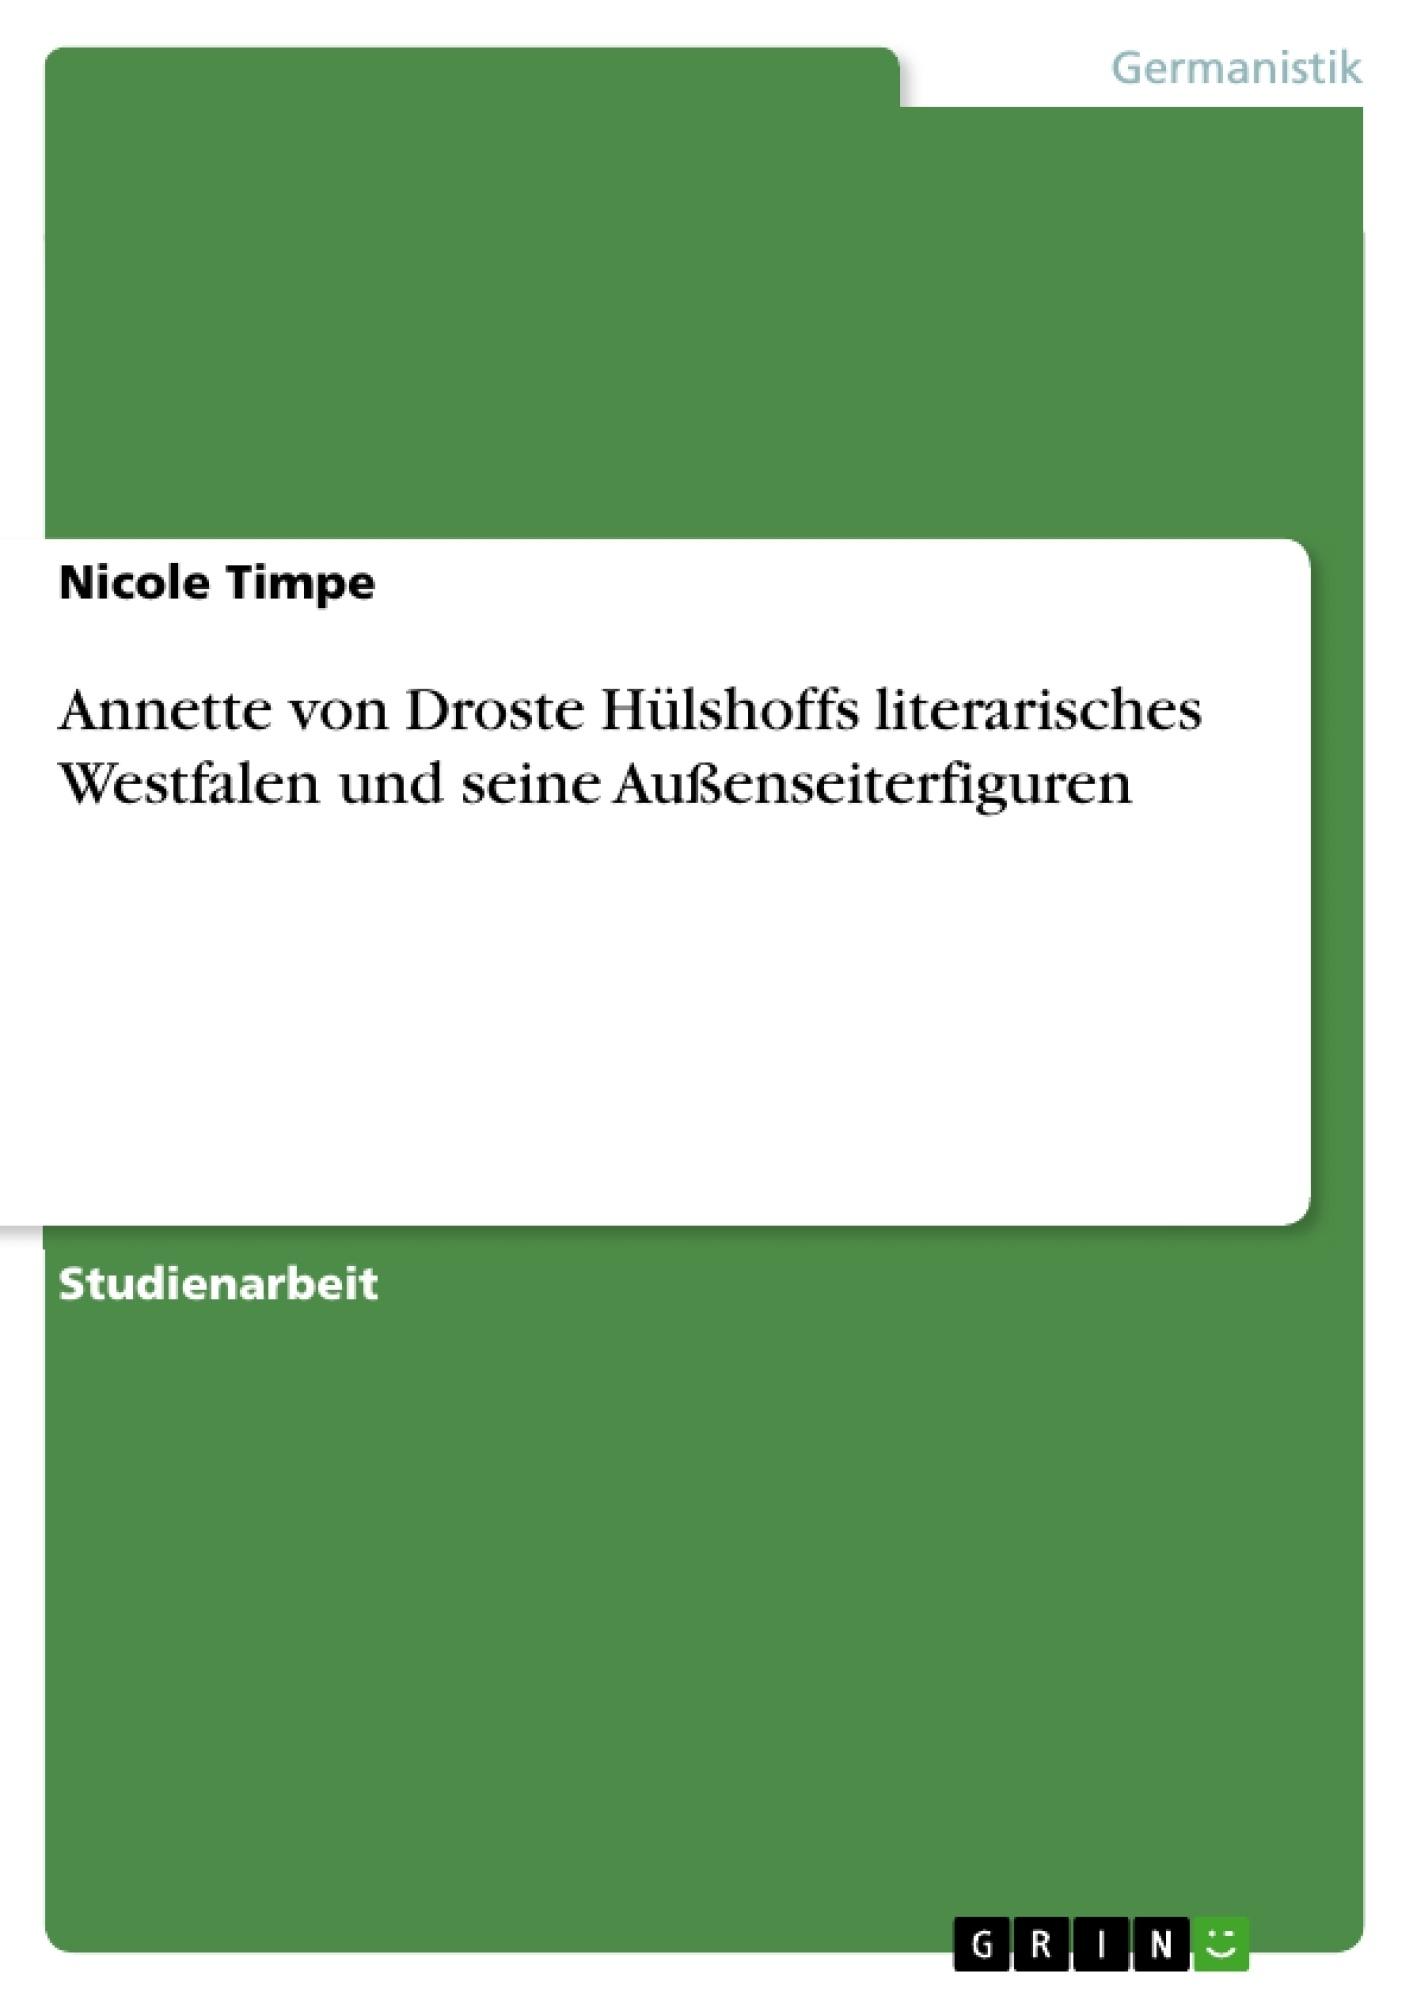 Titel: Annette von Droste Hülshoffs literarisches Westfalen und seine Außenseiterfiguren